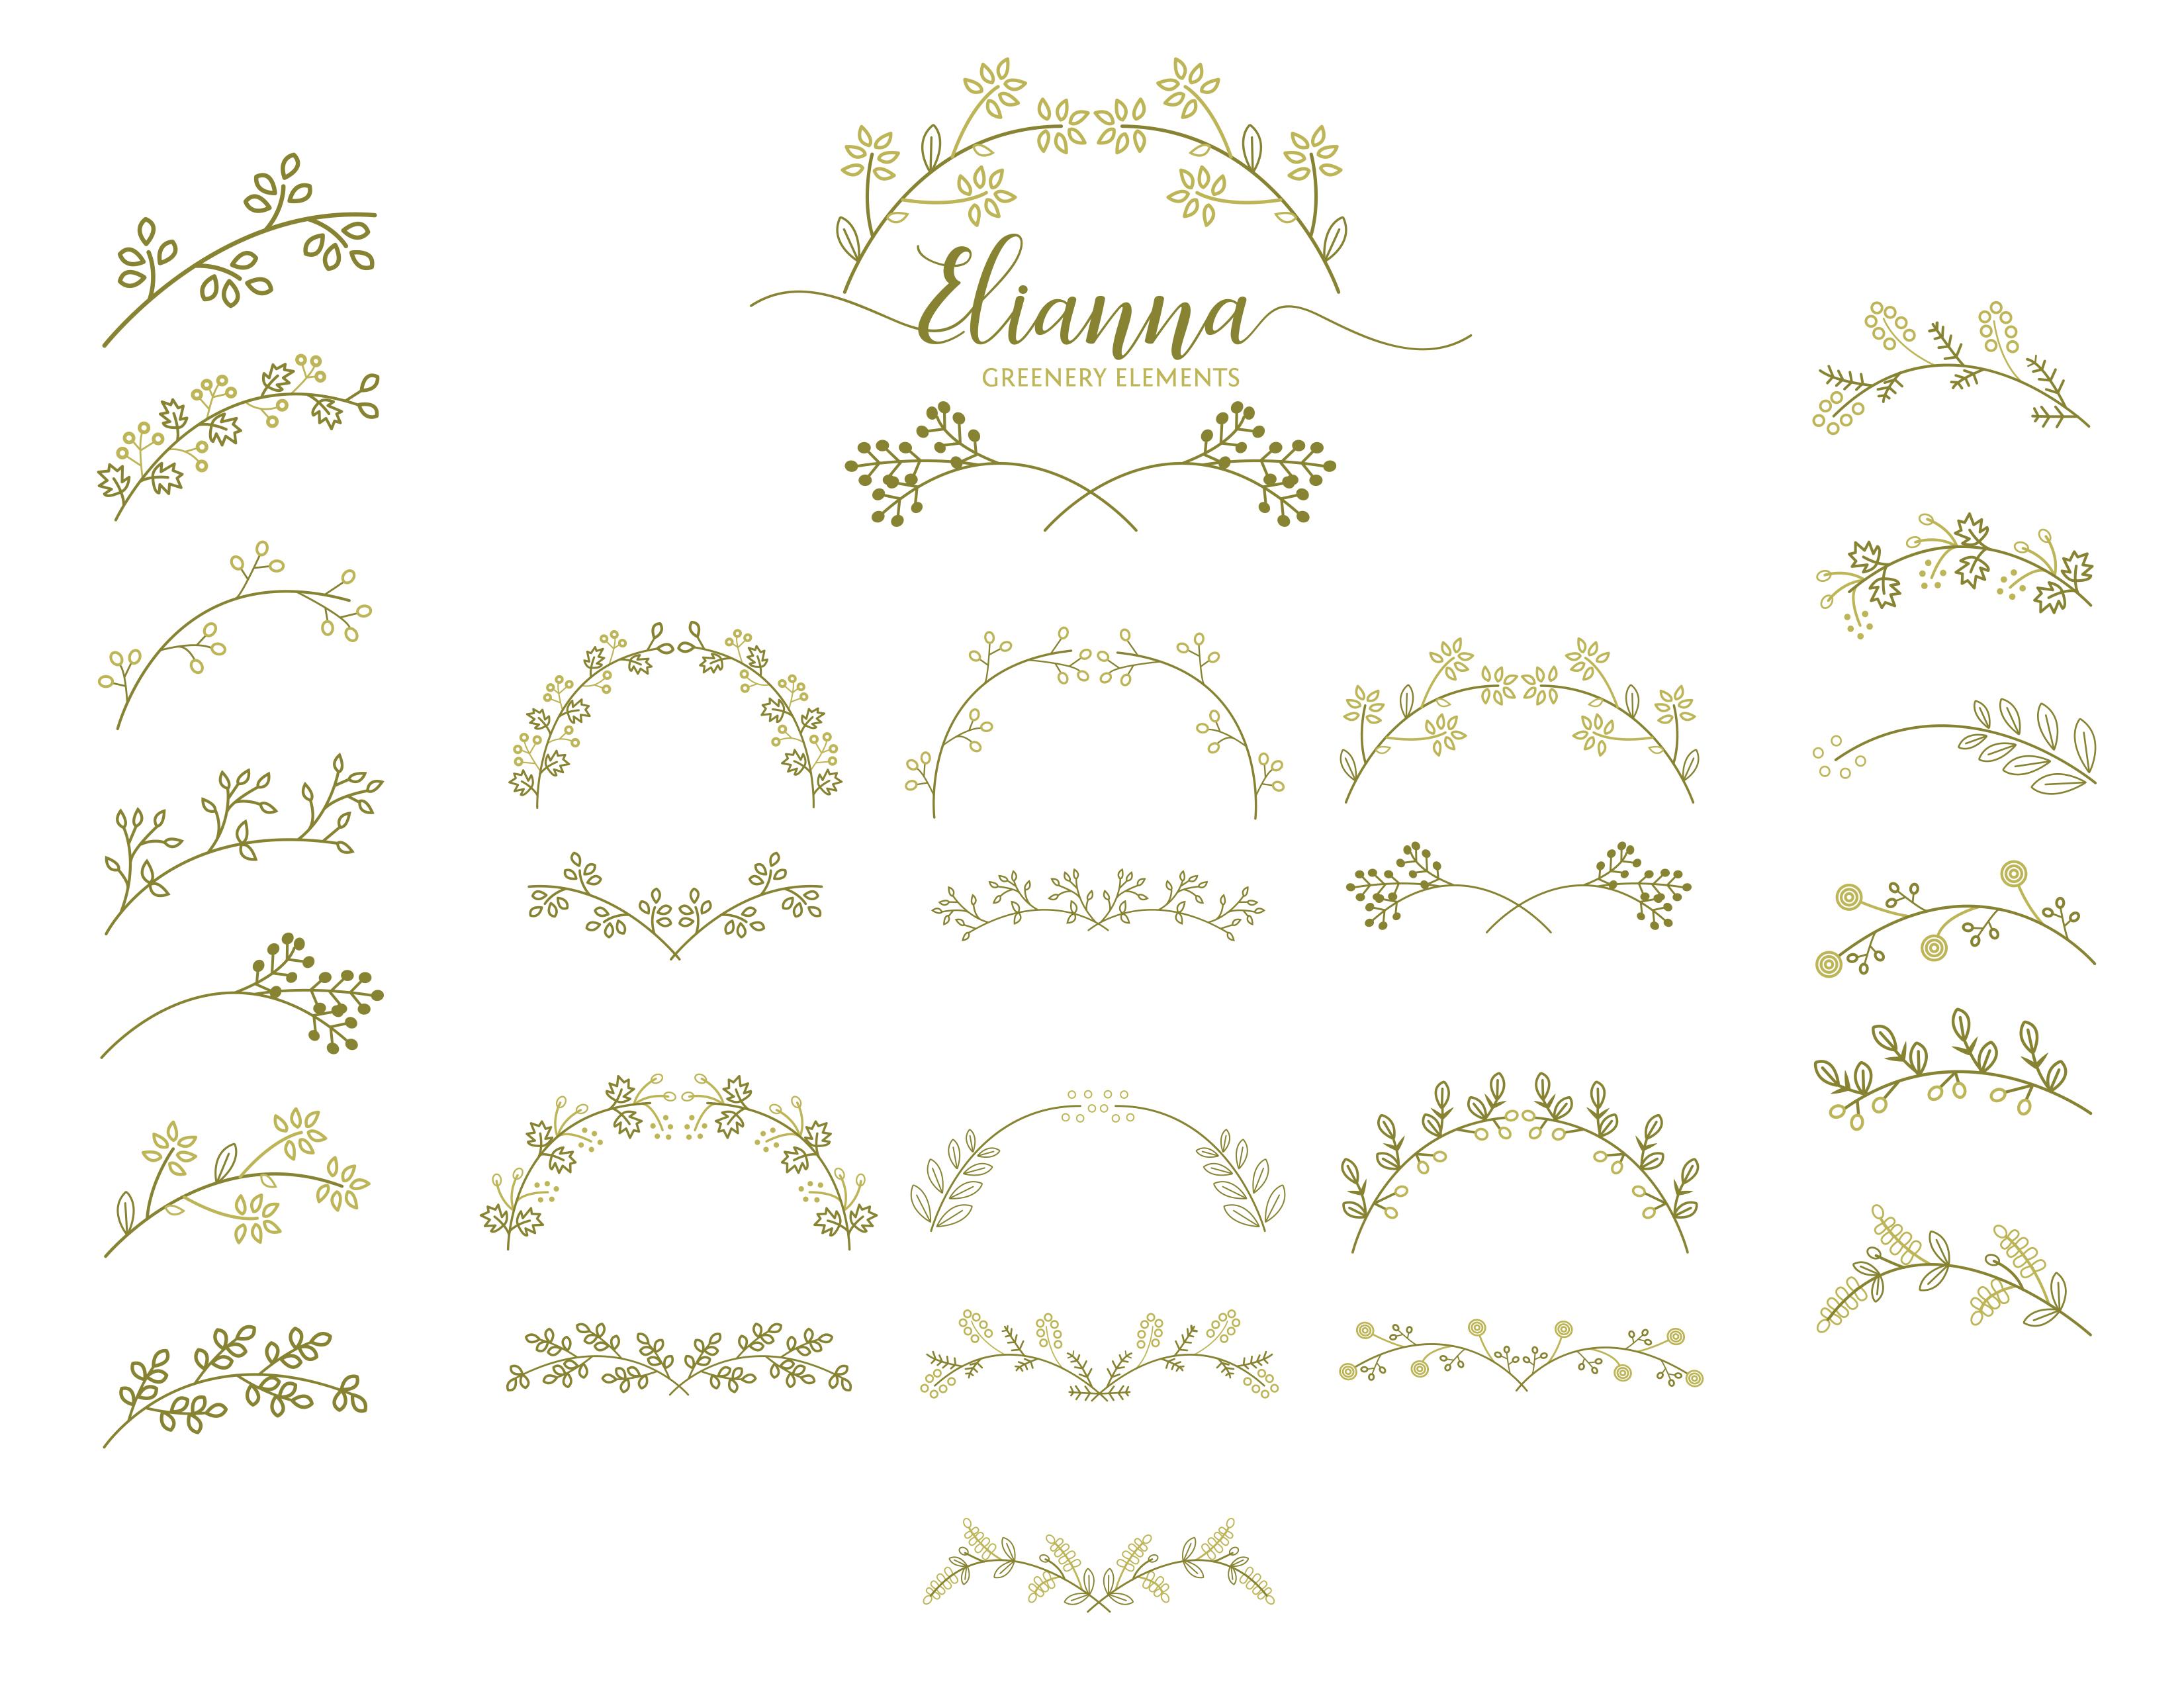 90+ Elianna Greenery Elements example image 2